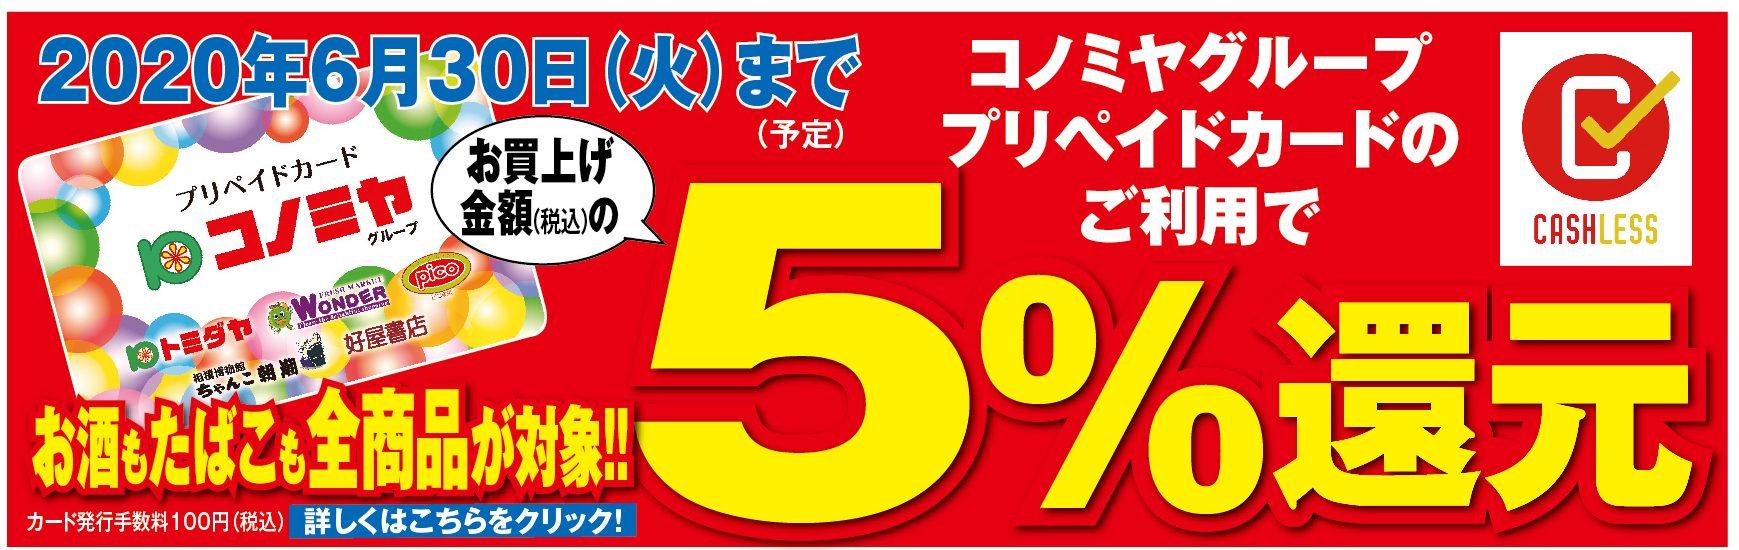 プリカ5%還元